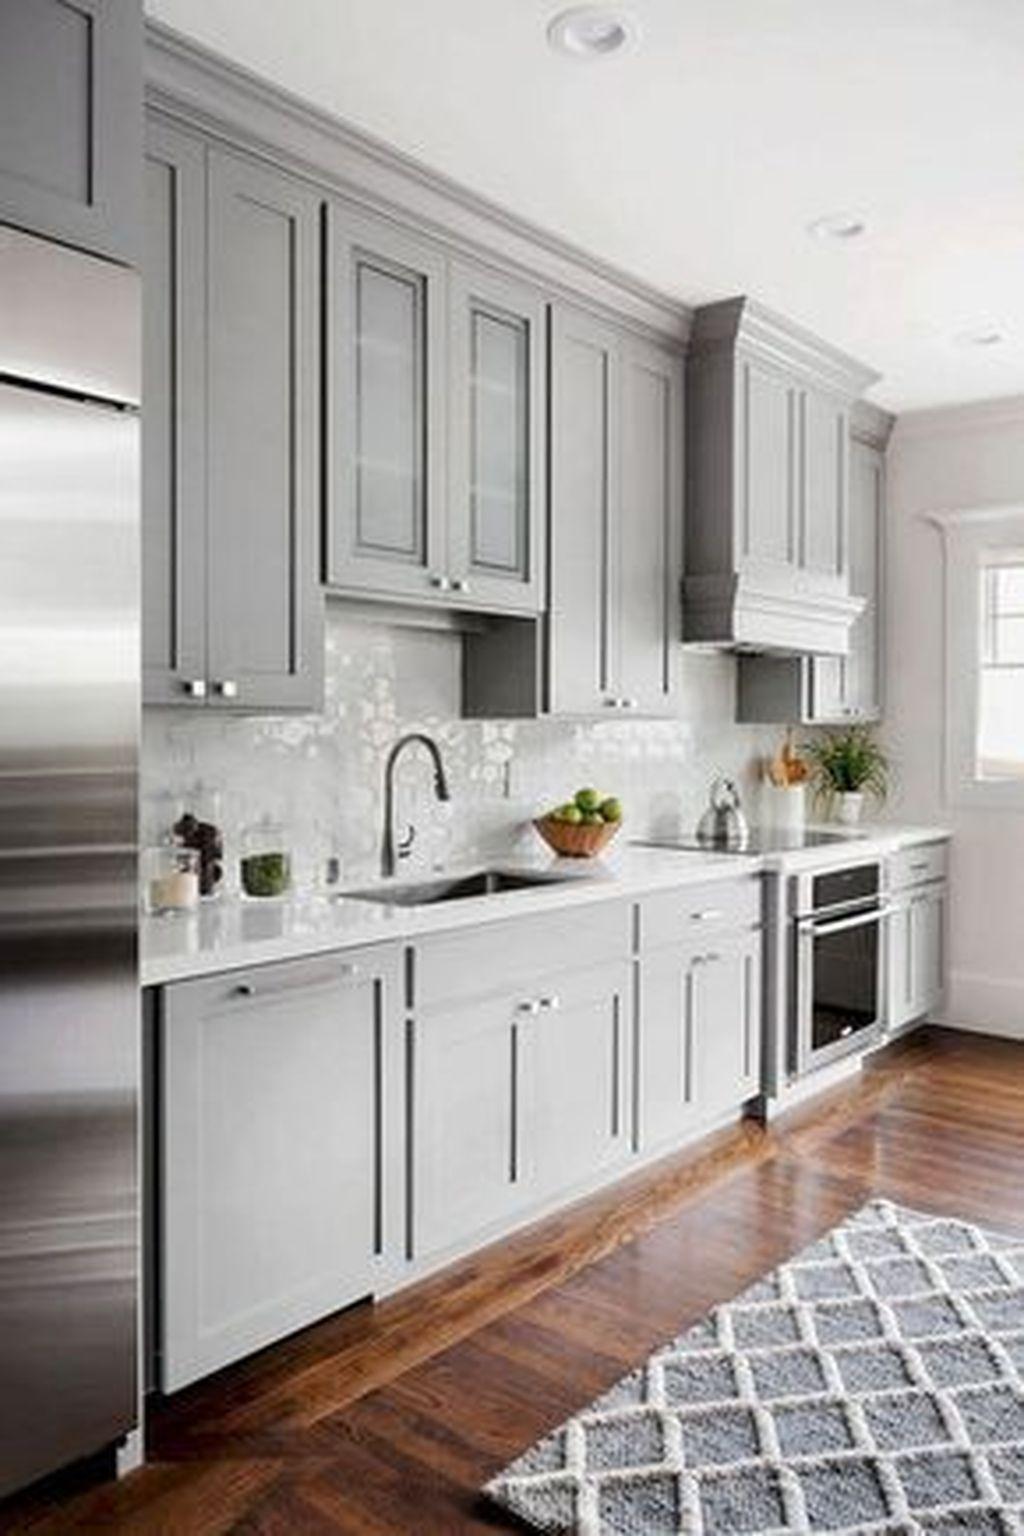 46 The Best Modern Farmhouse Kitchen Design Ideas To Blend ...